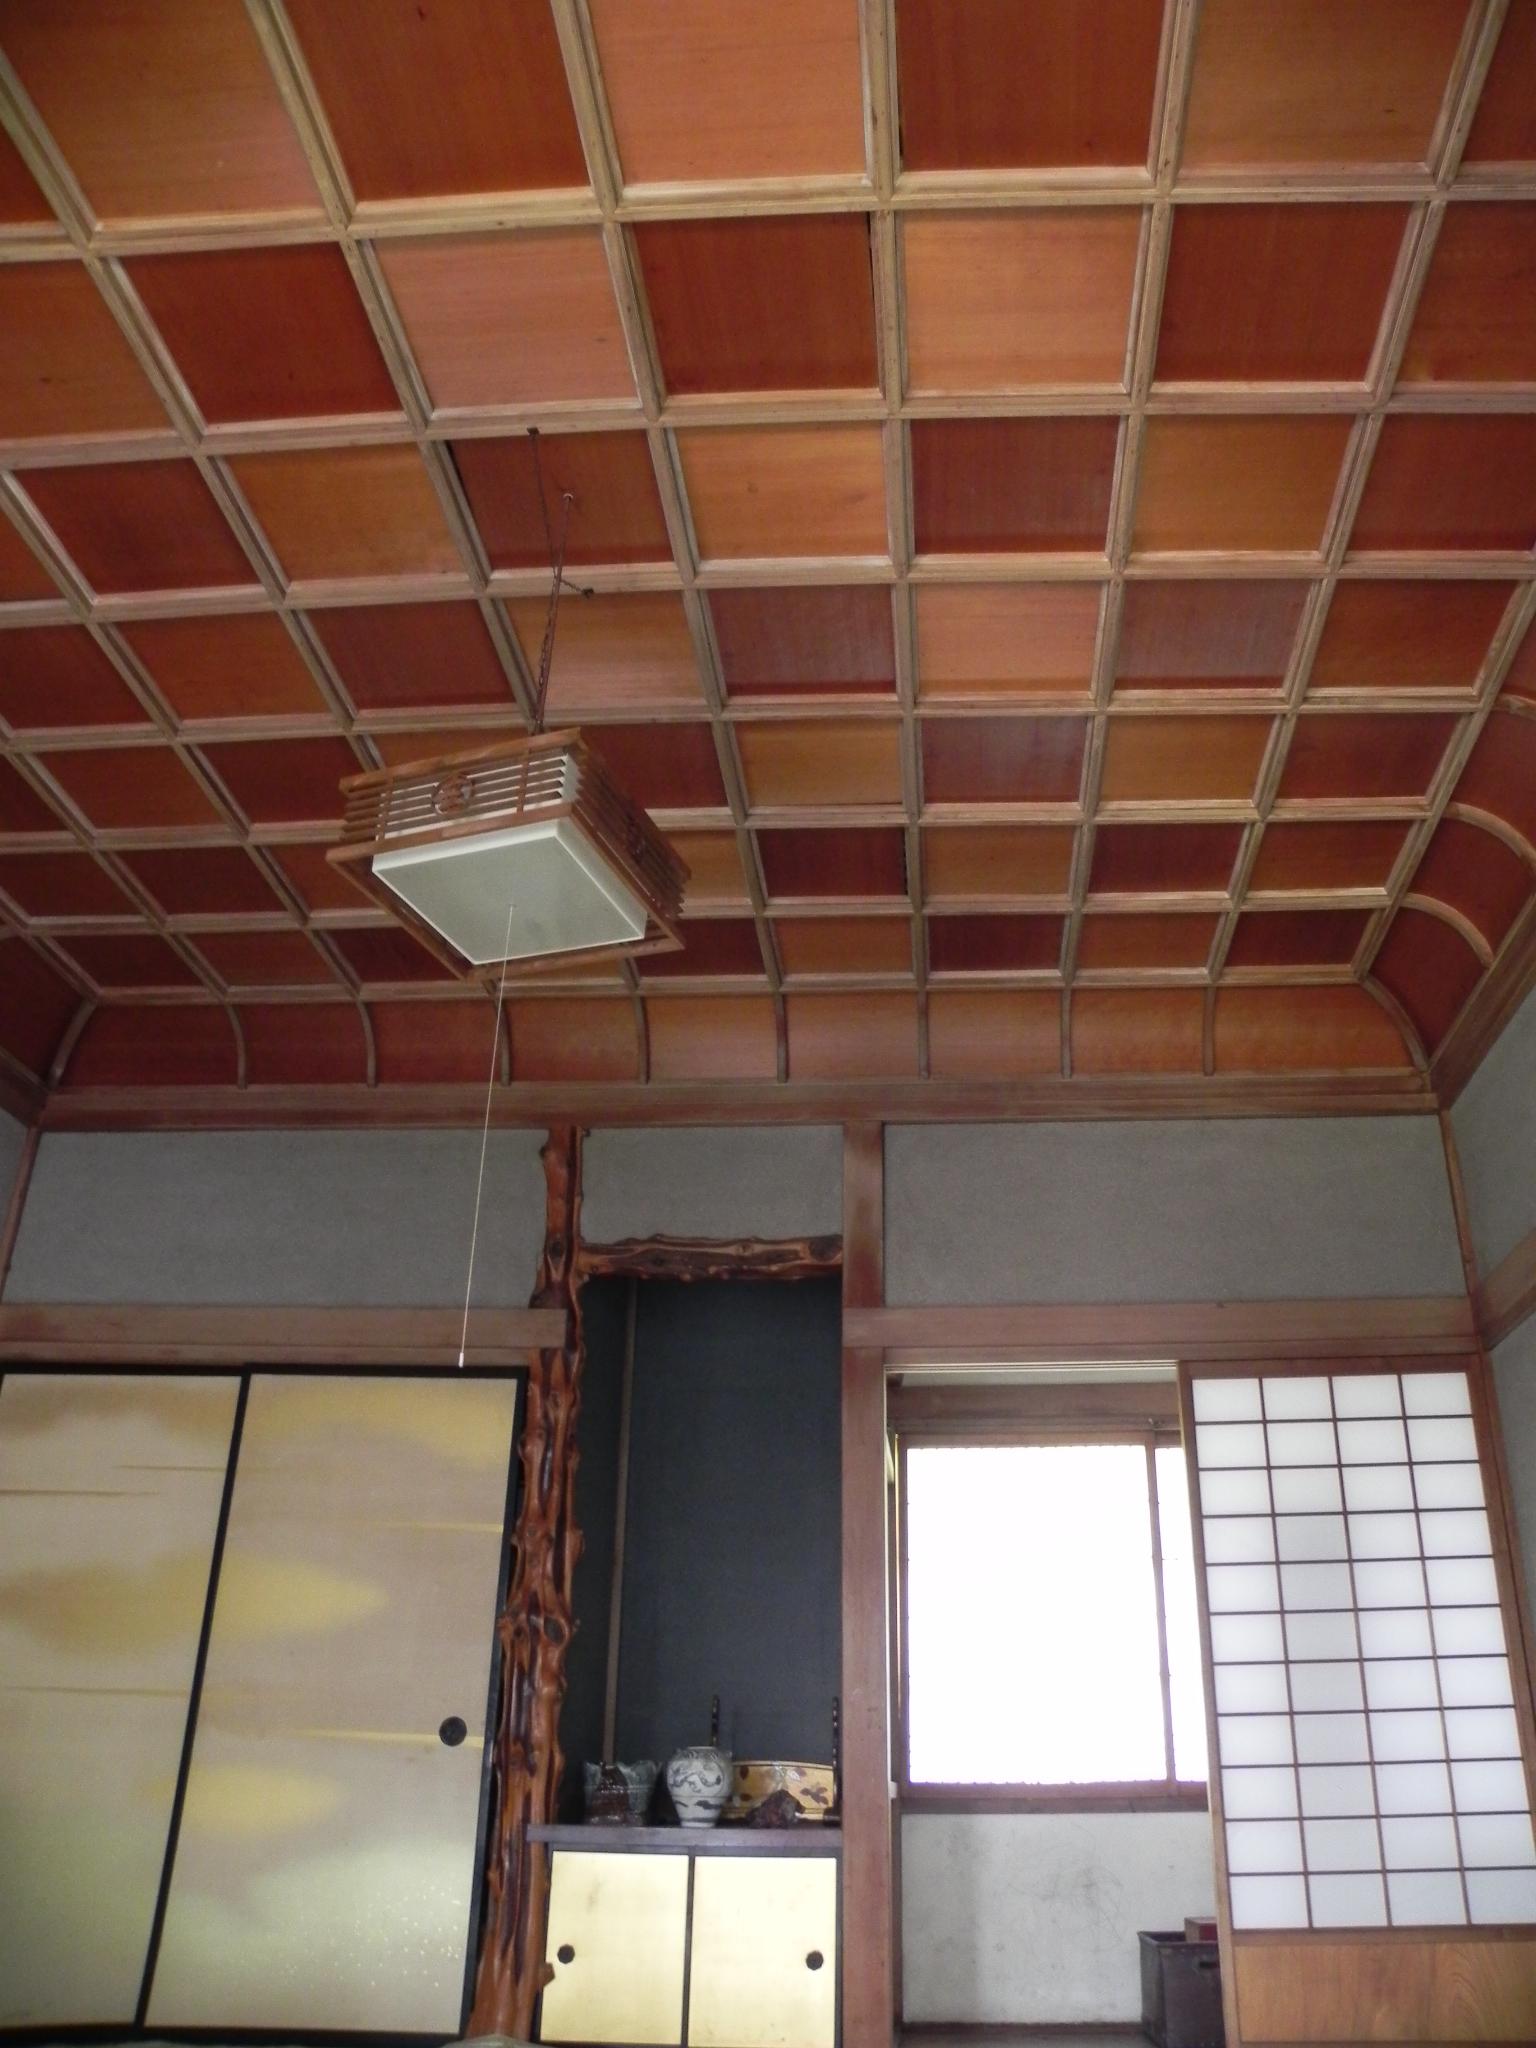 寺院などで見られる折上格天井。サフラン酒本舗の離れ座敷ではポップな市松模様?